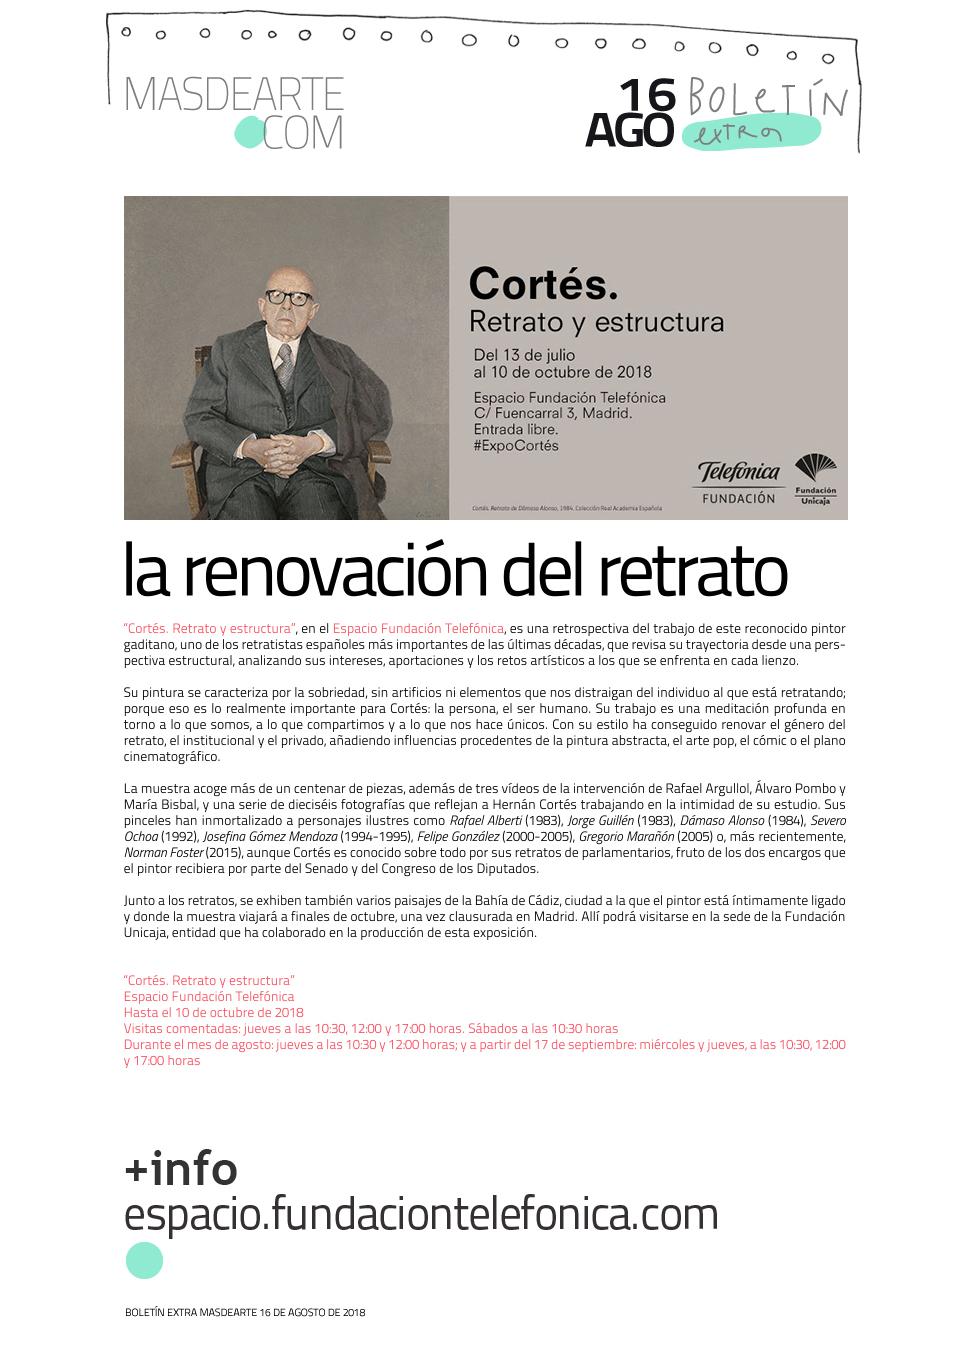 ''Cortés. Retrato y estructura'' en el Espacio Fundación Telefónica  de Madrid hasta el 10 de octubre de 2018